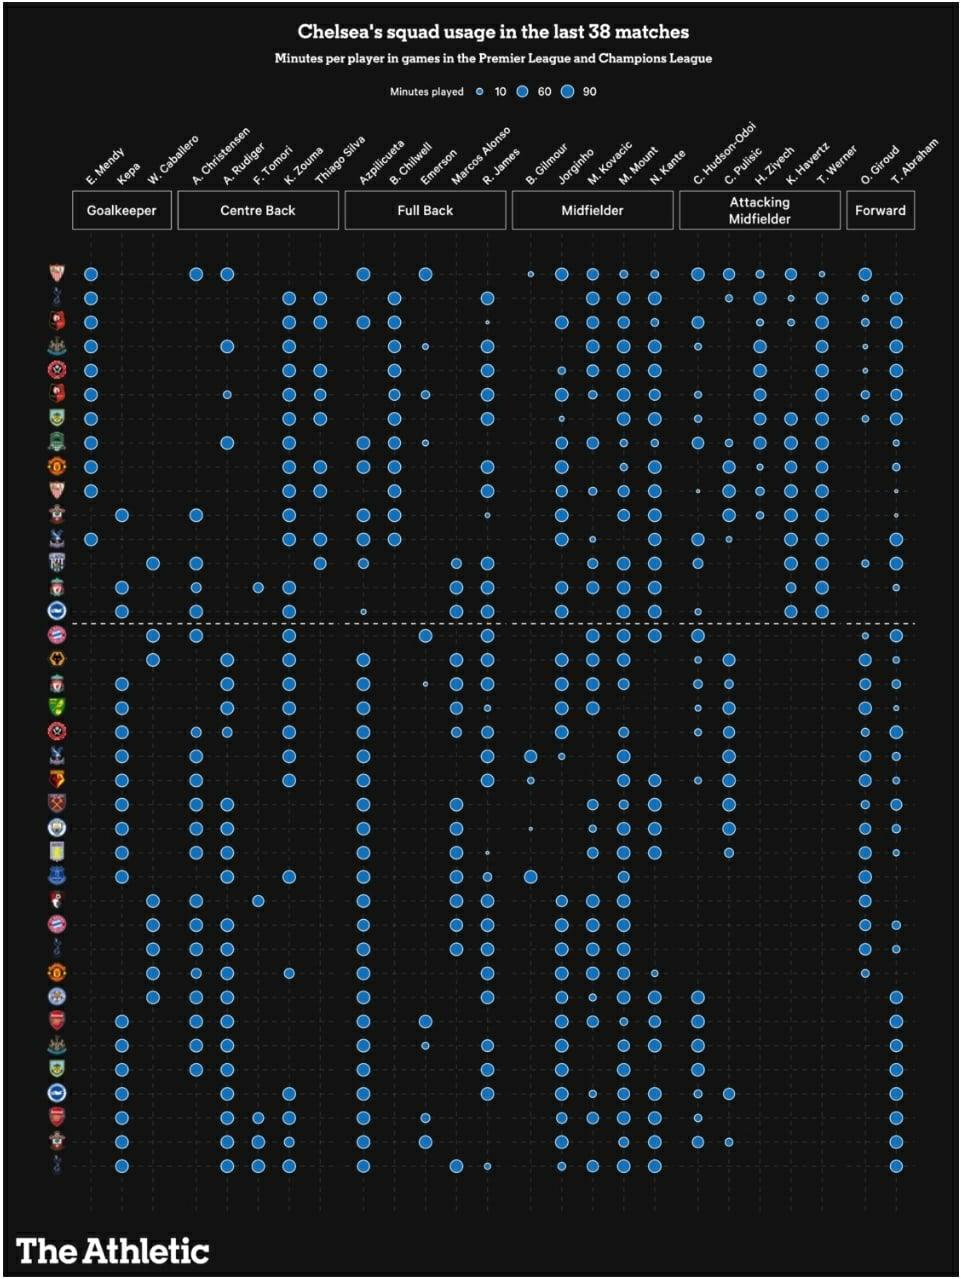 Какможно улучшить вид таблицы?